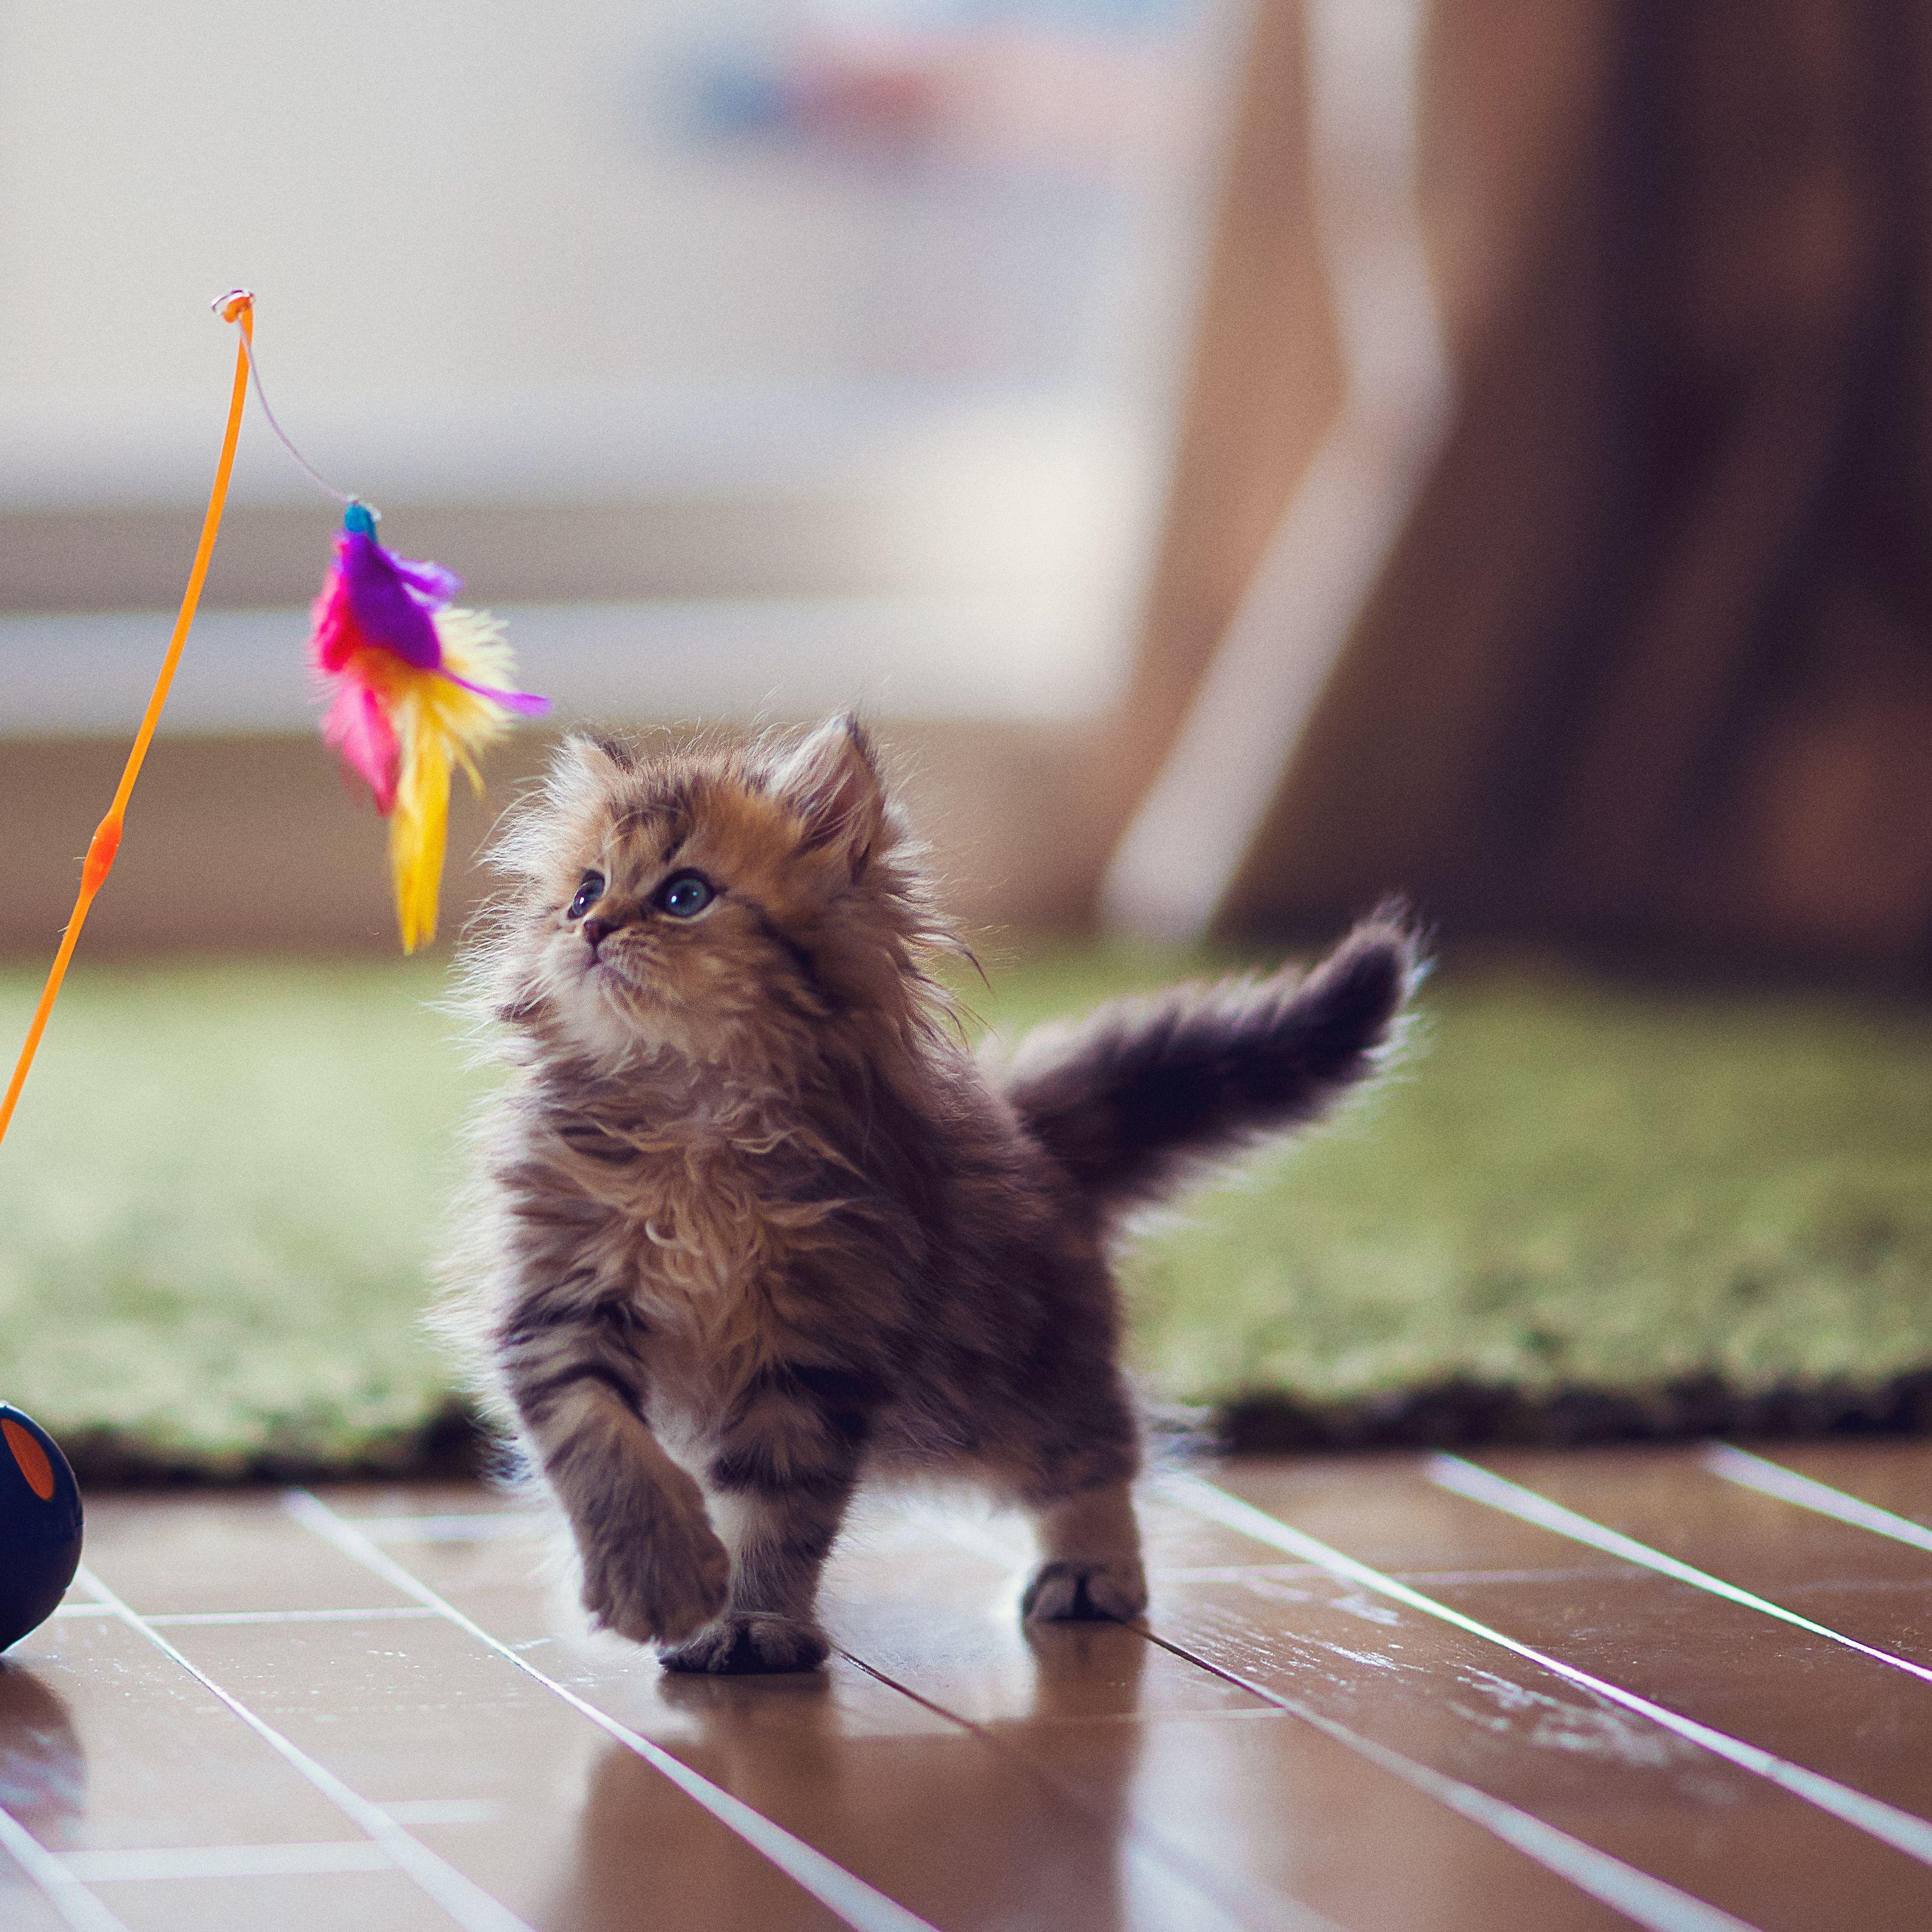 Kitten Development From 6 To 12 Weeks